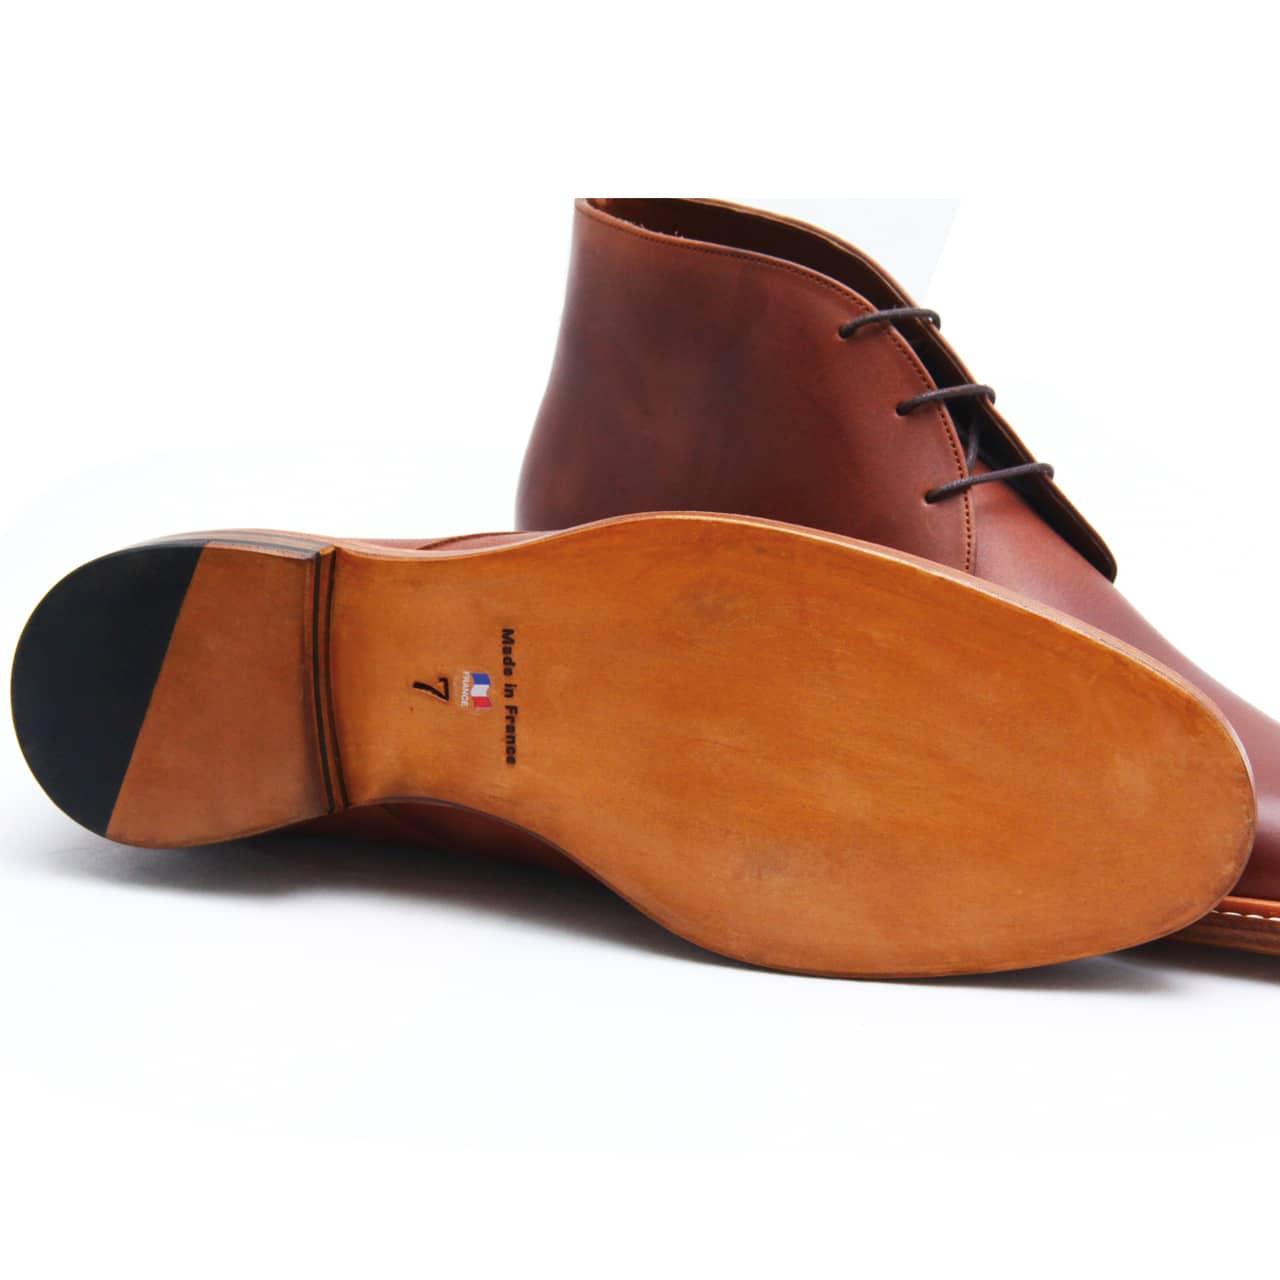 chukka semelle - Chaussures de qualité VS Souliers lambda : 7 différences qui (vous) coûtent cher !